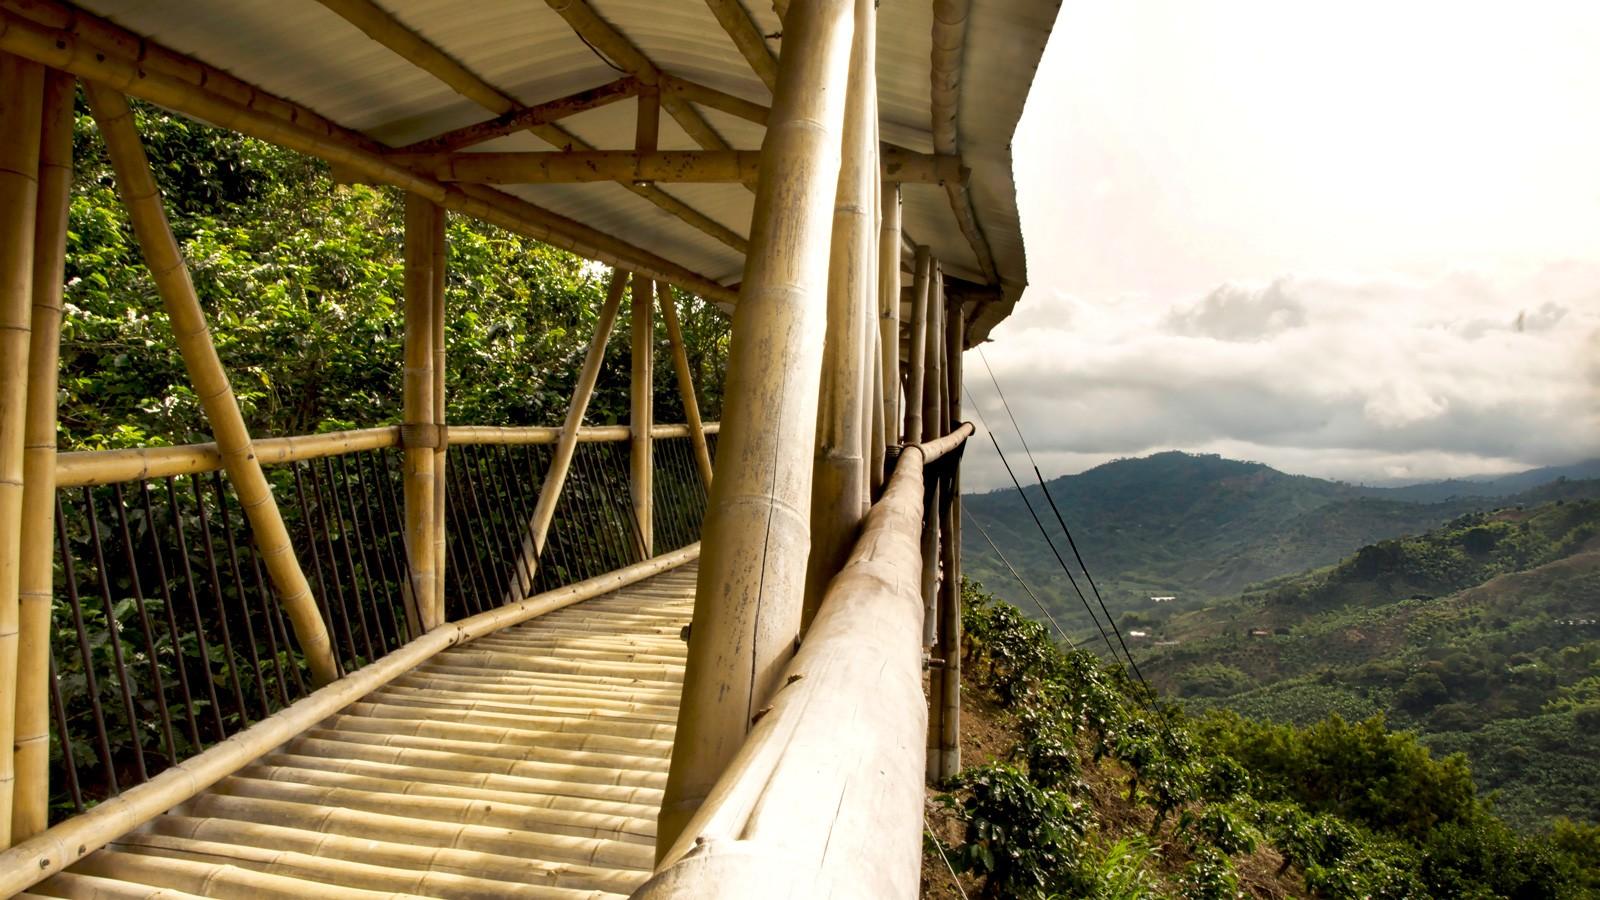 Colombia Bamboo Bridge 1600x900 2 Trek Travel